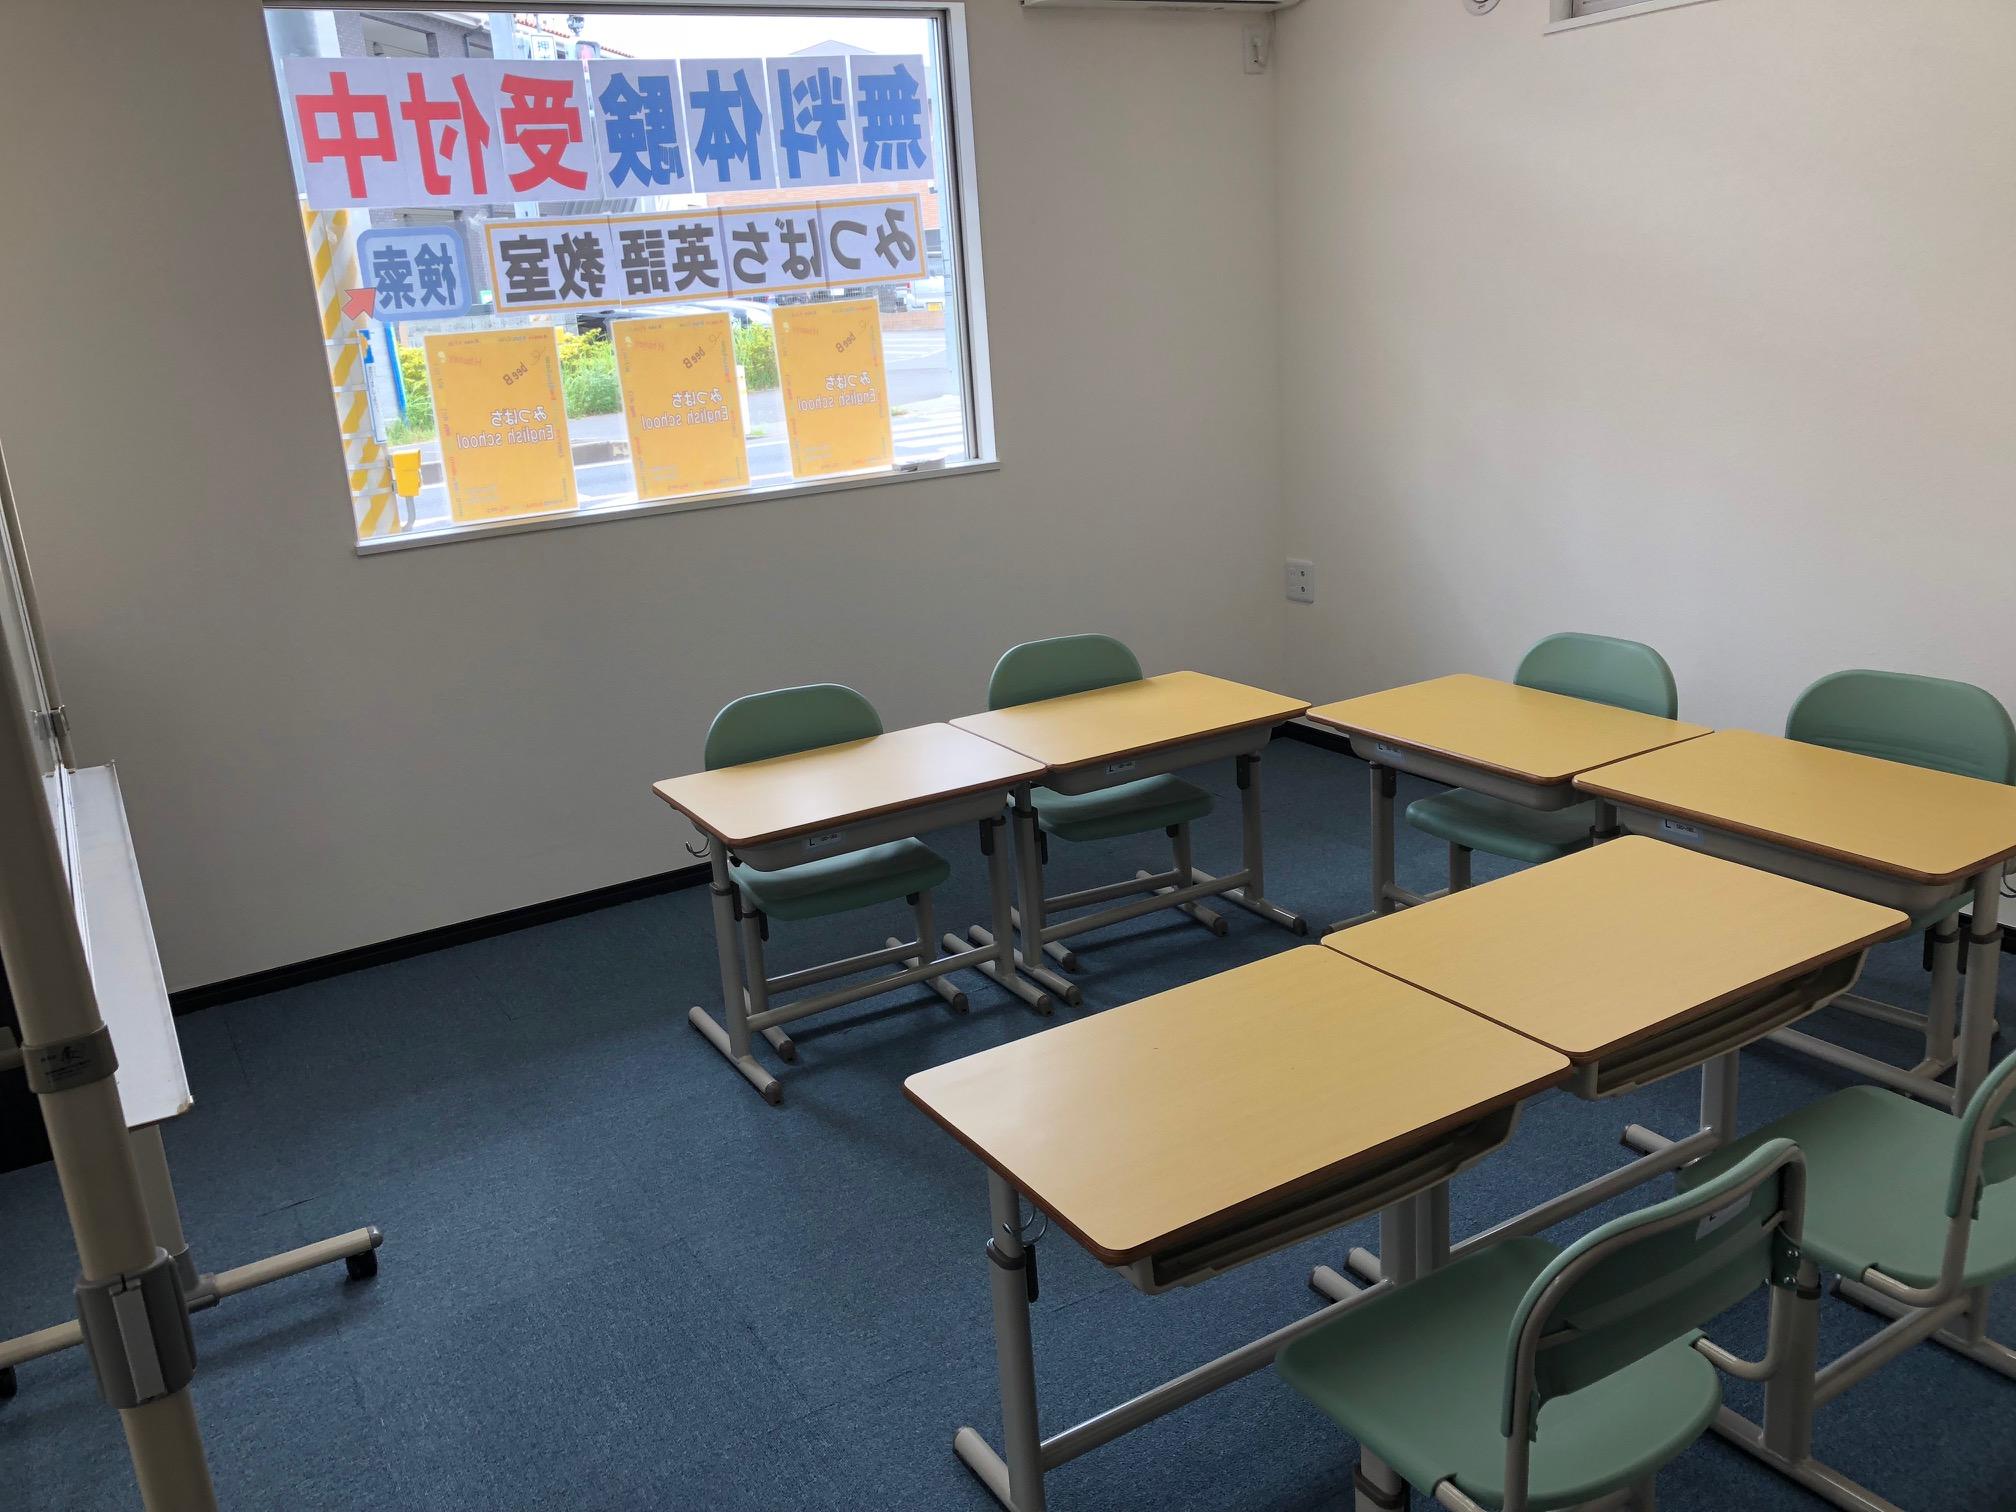 建物が完成して教室に机も入りました!